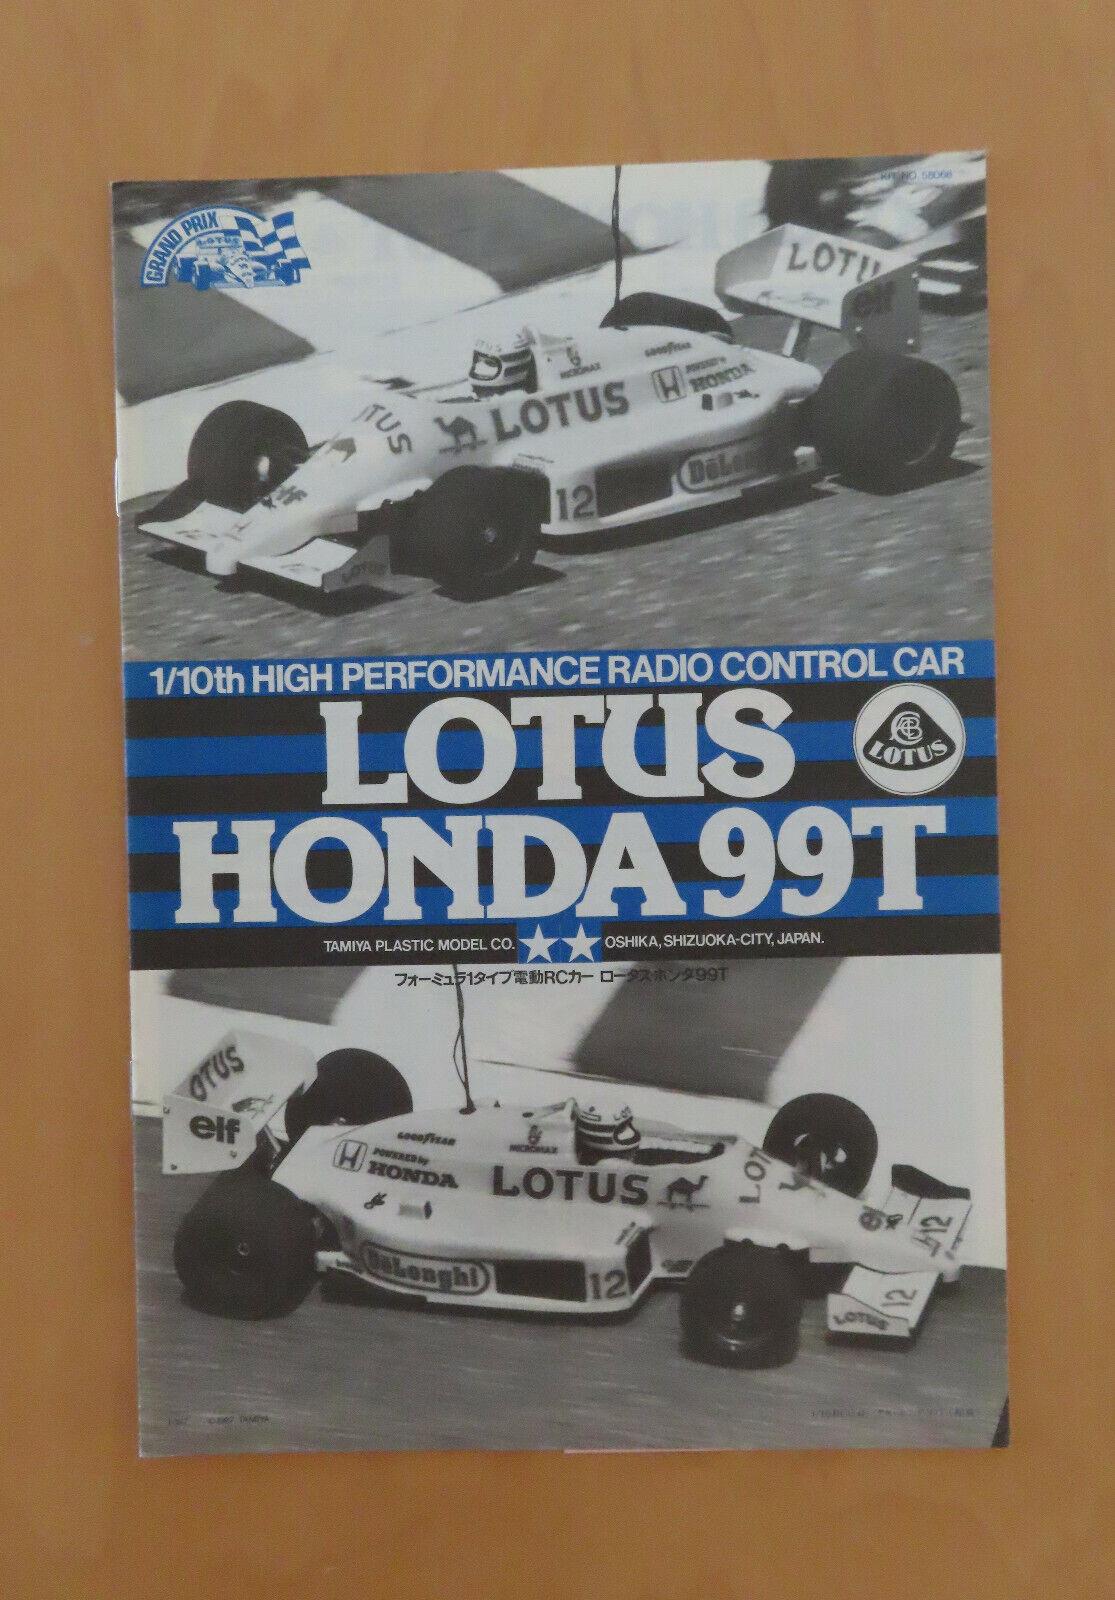 RC Tamiya MANUALE Lotus Honda 99T 58068 NUOVO 1987